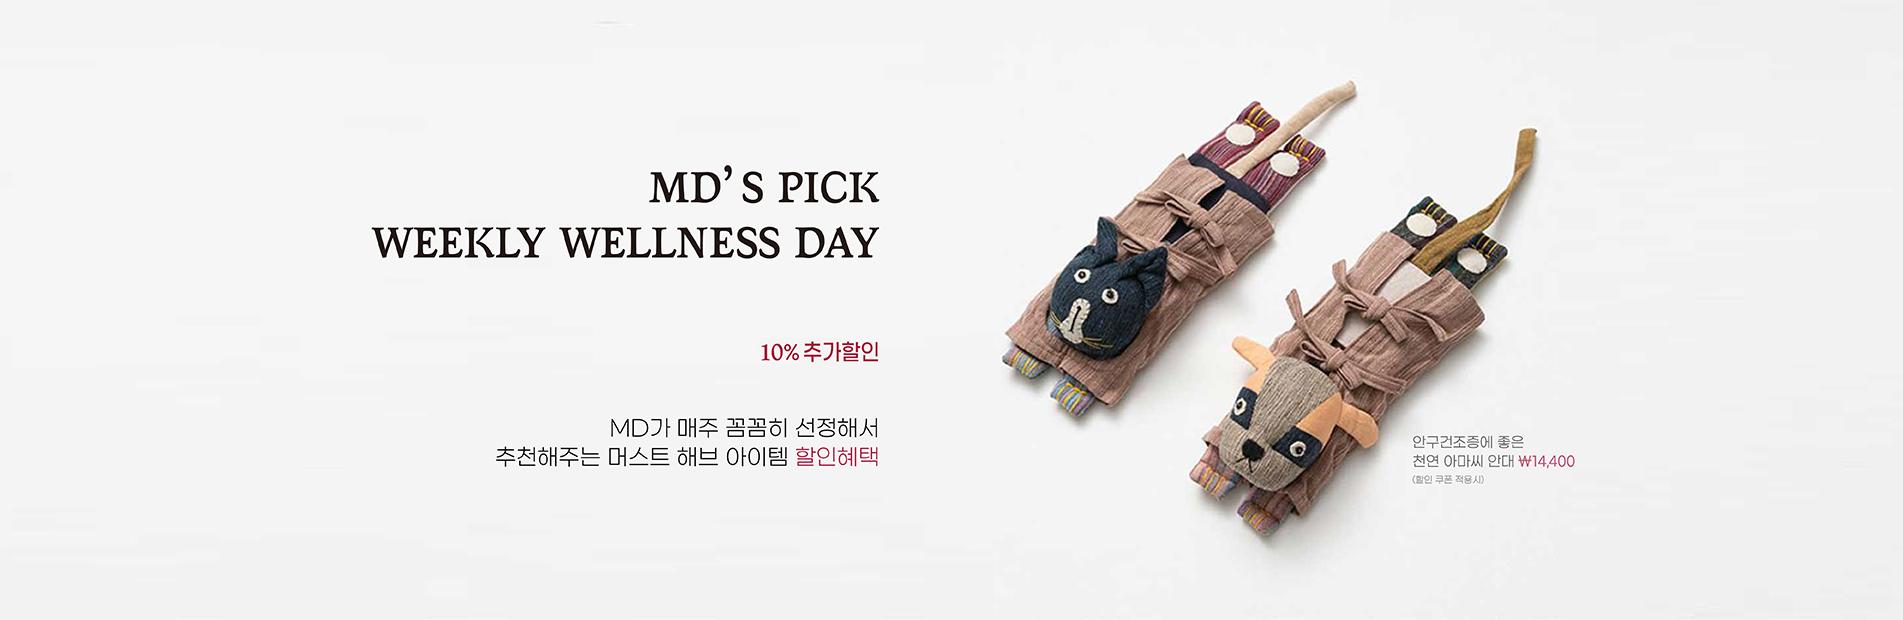 WEEKLY WELLENESS DAY MD'S PICK - MD가 꼼꼼히 선정해서 추천해주는 머스크 해브 아이템